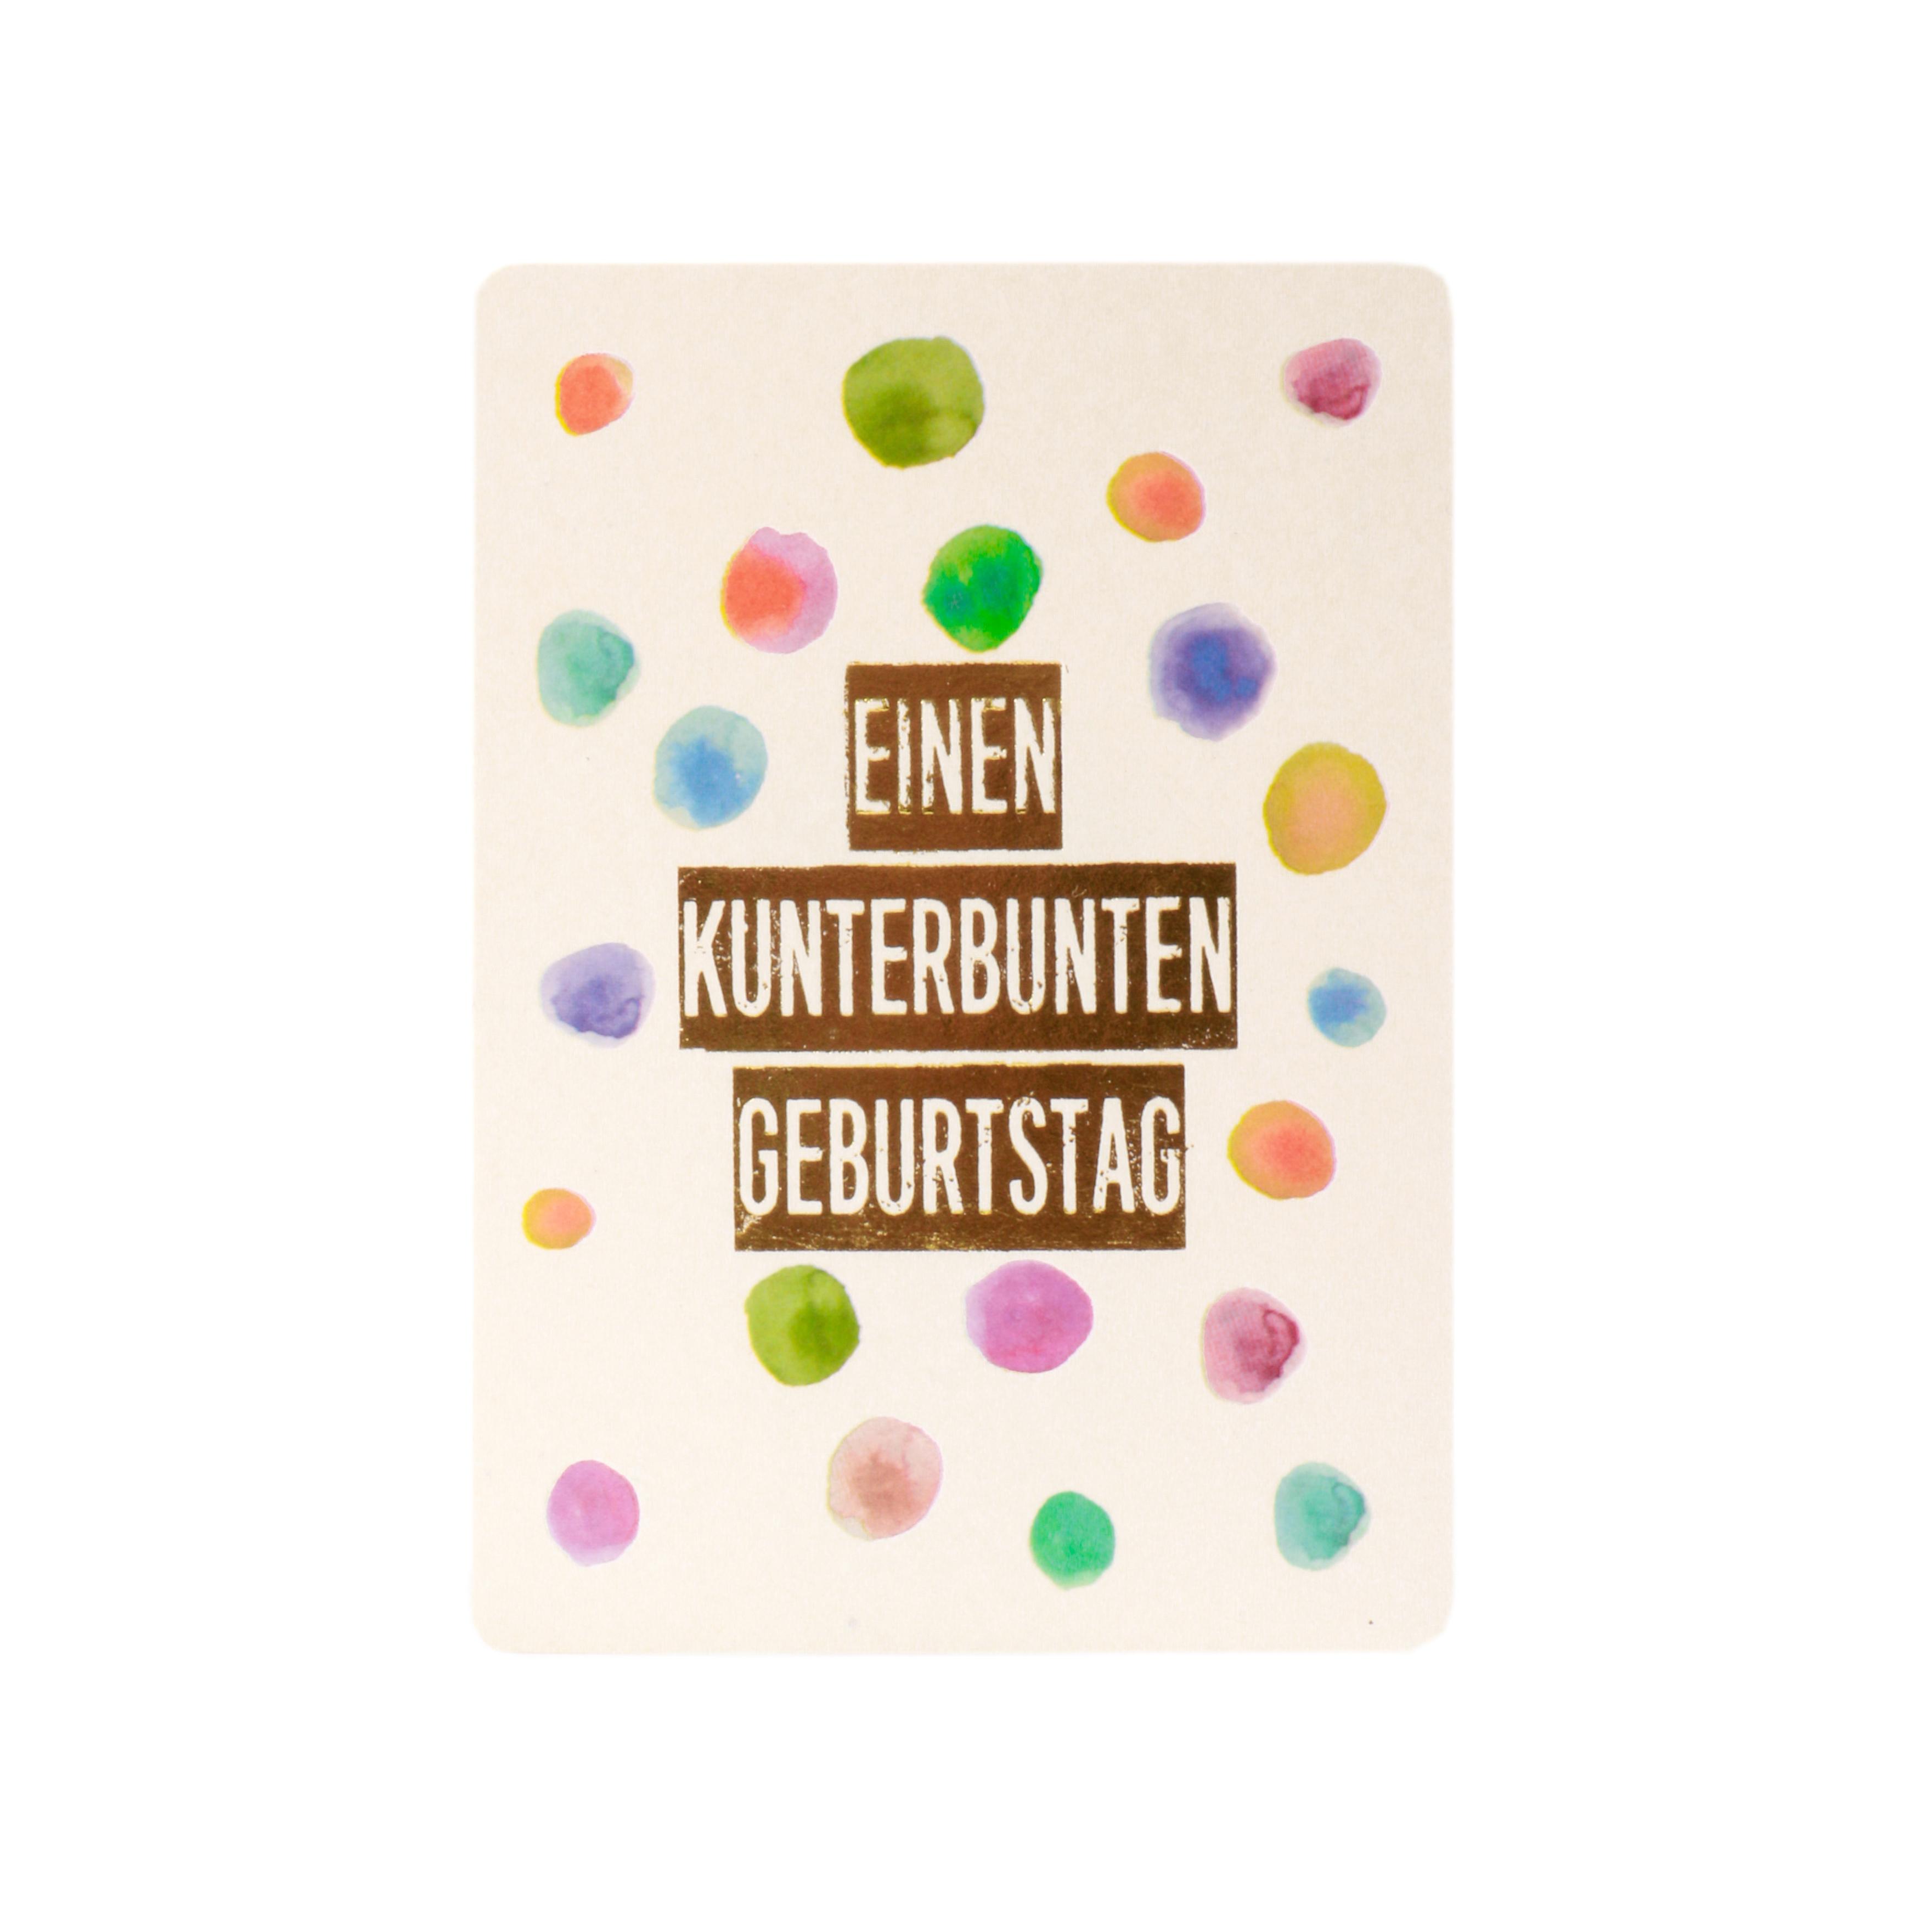 Postkarte - Einen kunterbunten Geburtstag - Good old friends